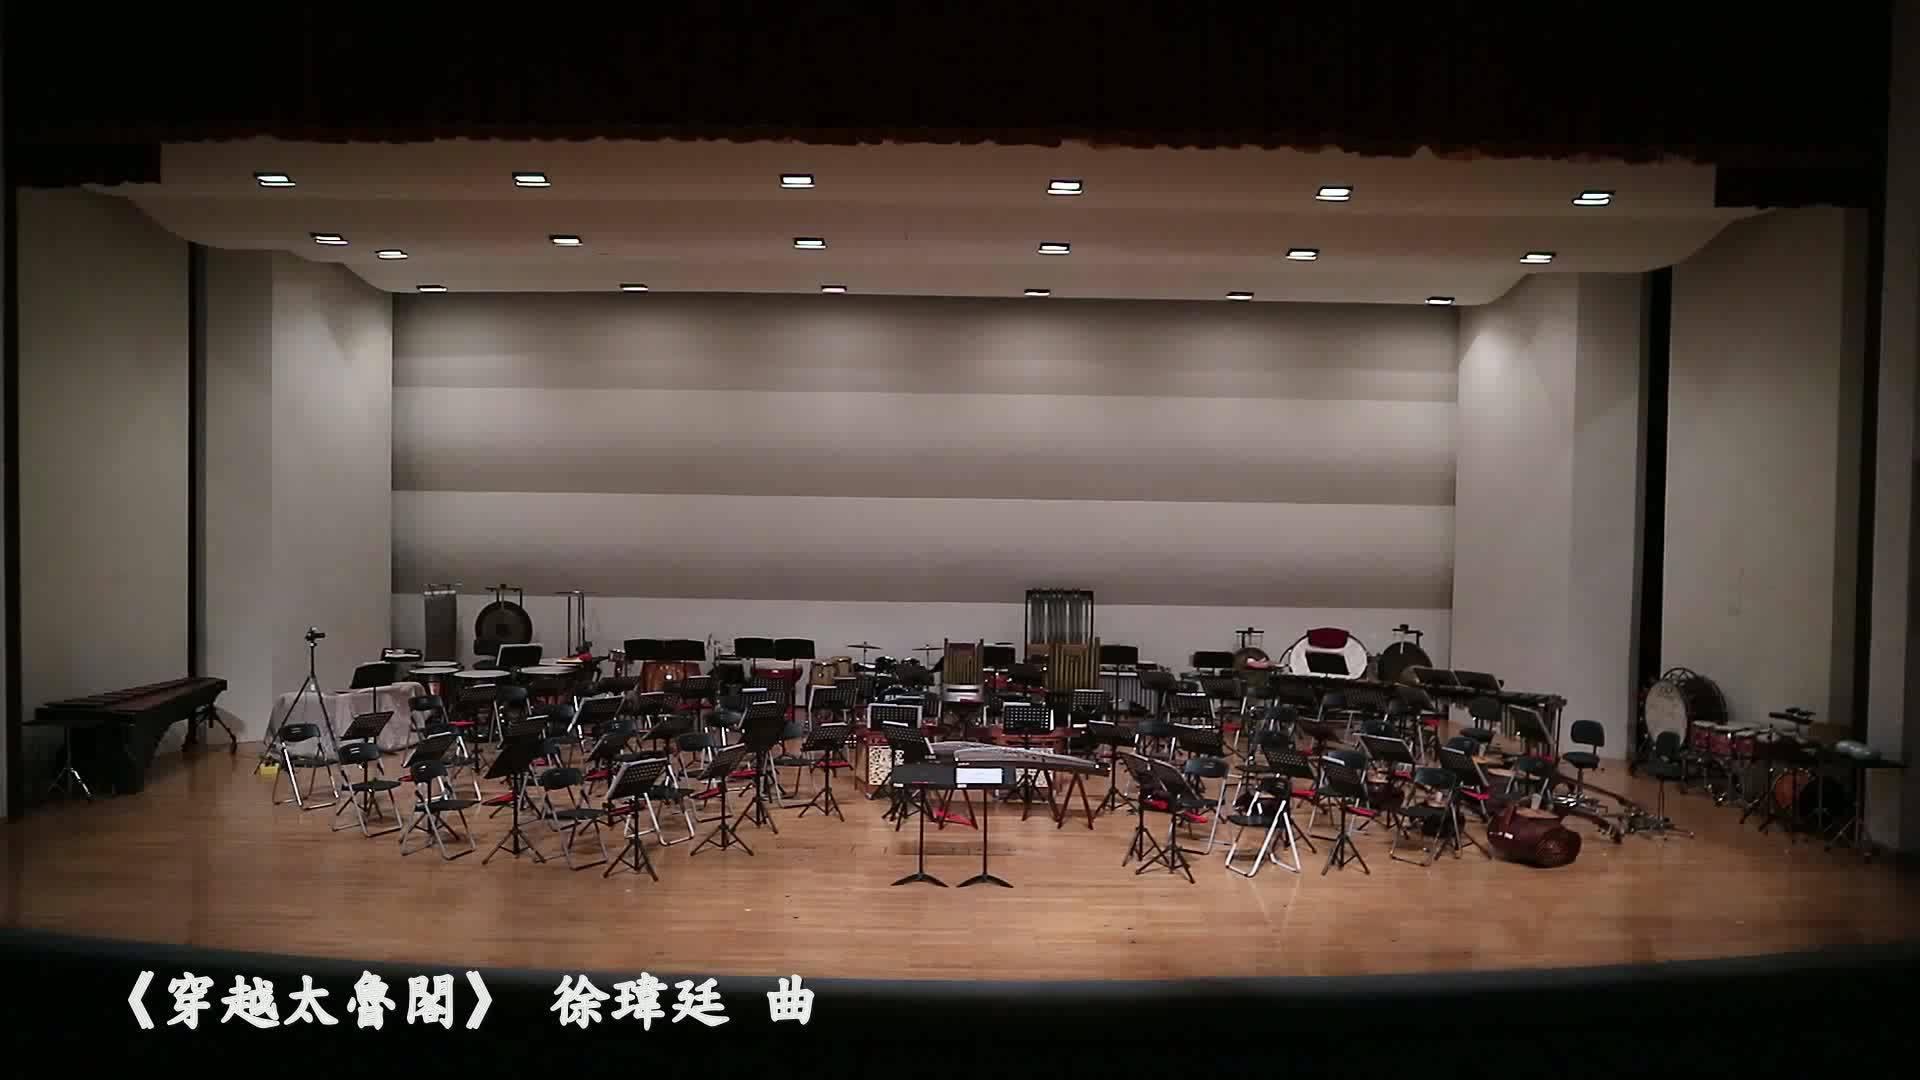 臺灣國樂團 《洄瀾之聲-寶島辦桌》-穿越太魯閣選段